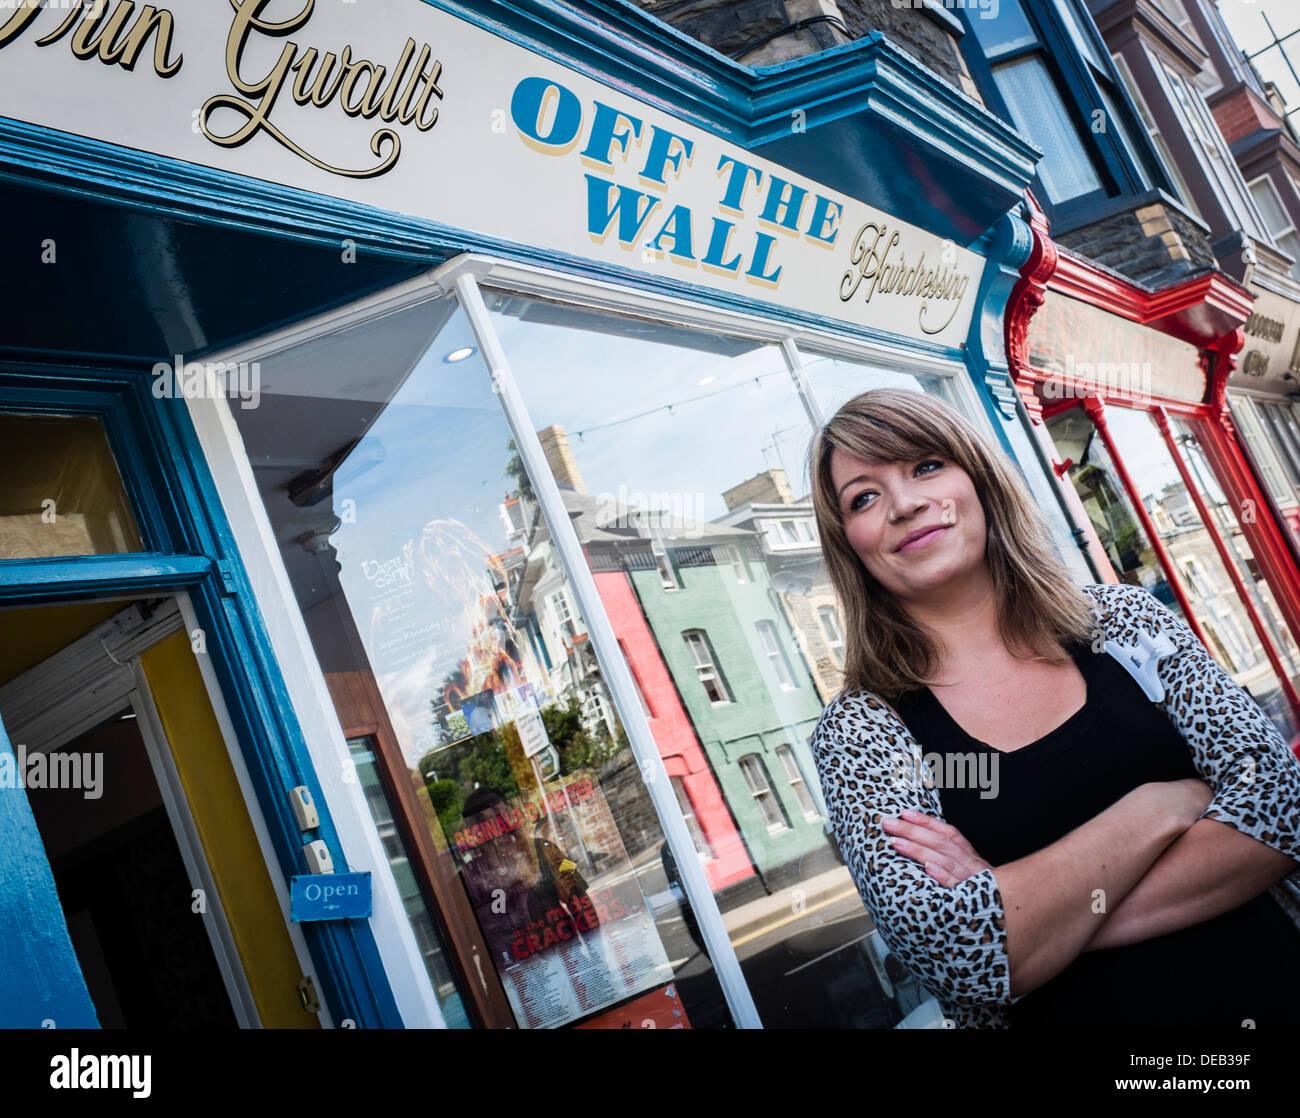 Kimberley Michelle Lewis, lavoratore autonomo titolare di fuori dalla parete parrucchiere, Northgate St, Aberystwyth, in piedi al di fuori del suo negozio Immagini Stock